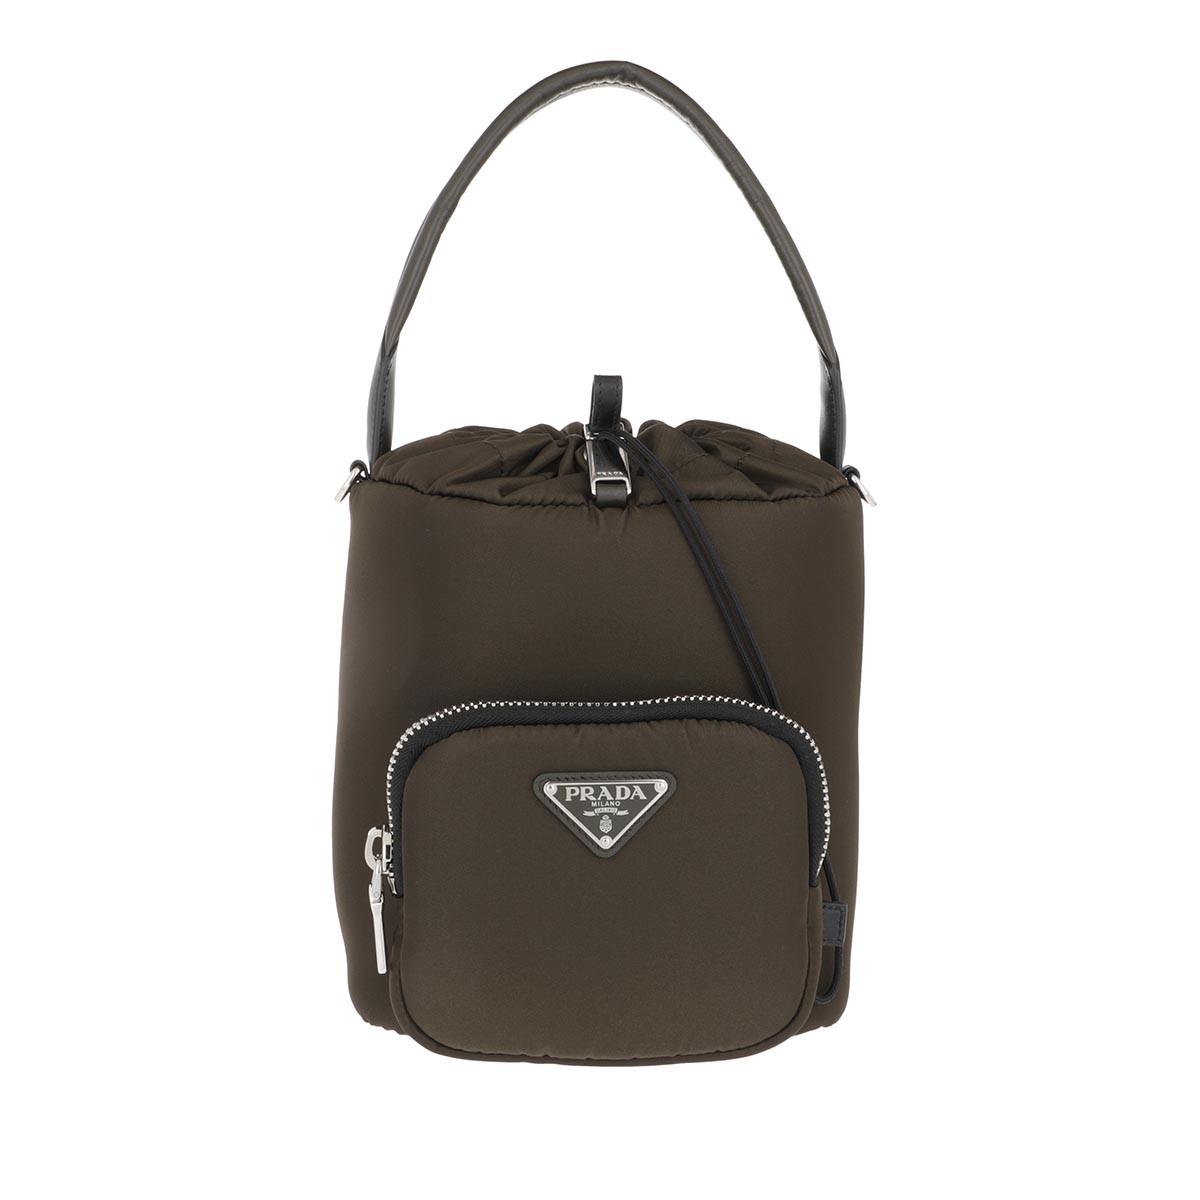 Prada Beuteltasche - Bucket Bag Nylon Mimetico Nero - in grün - für Damen